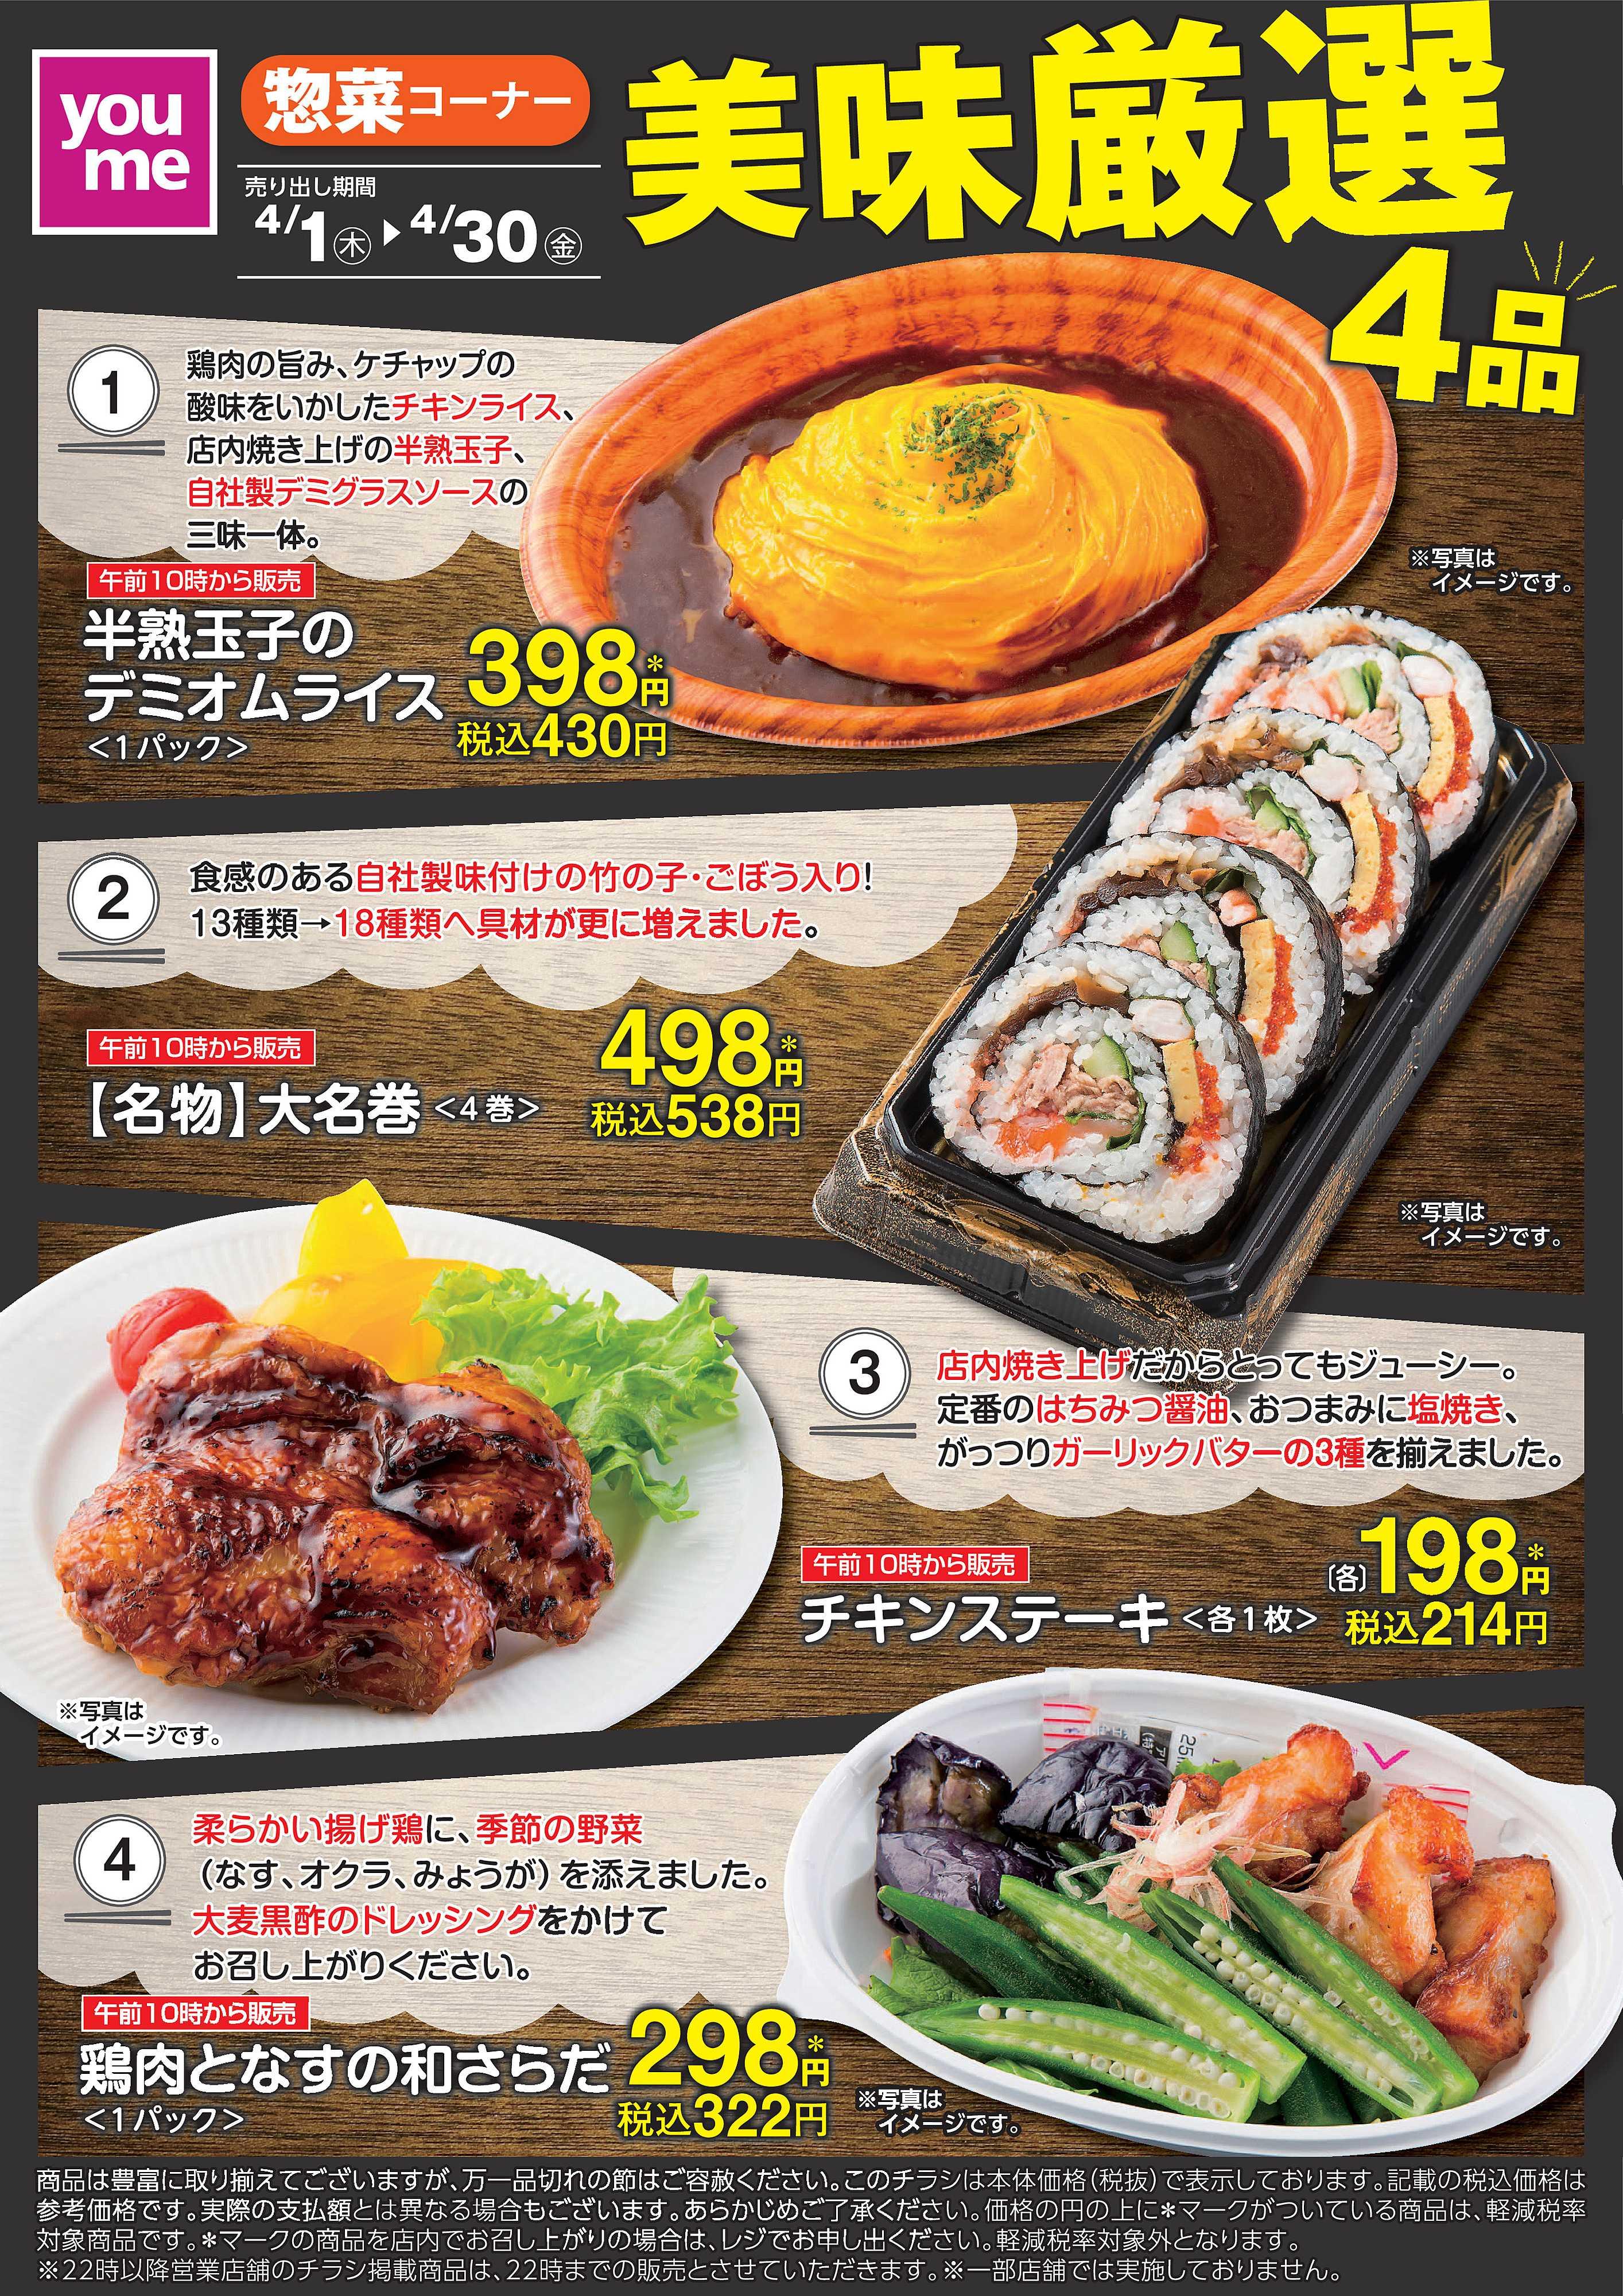 ゆめタウン 惣菜コーナー美味厳選4品